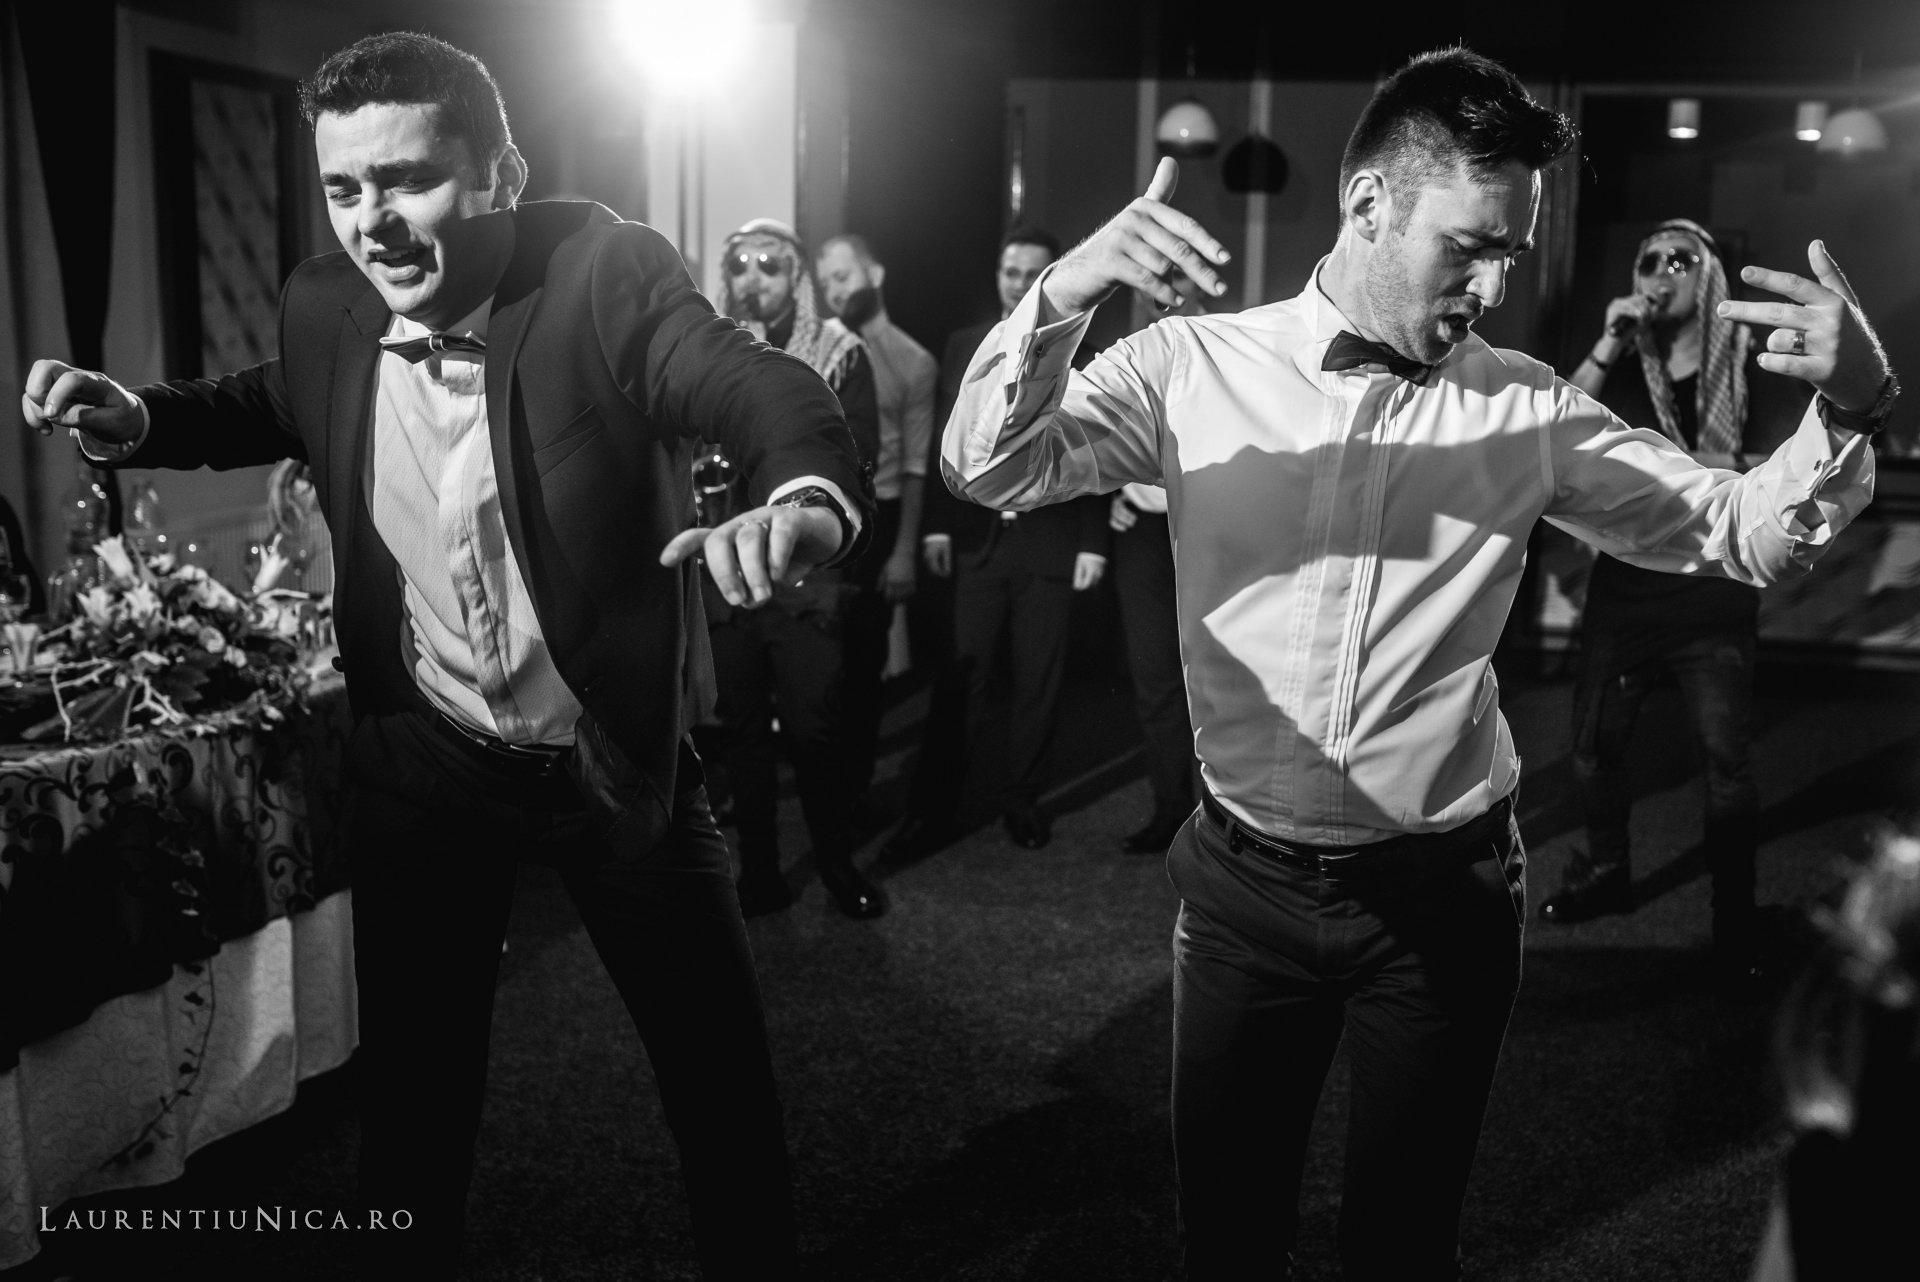 daniela si marius fotografii nunta craiova laurentiu nica57 - Daniela & Marius | Fotografii nunta